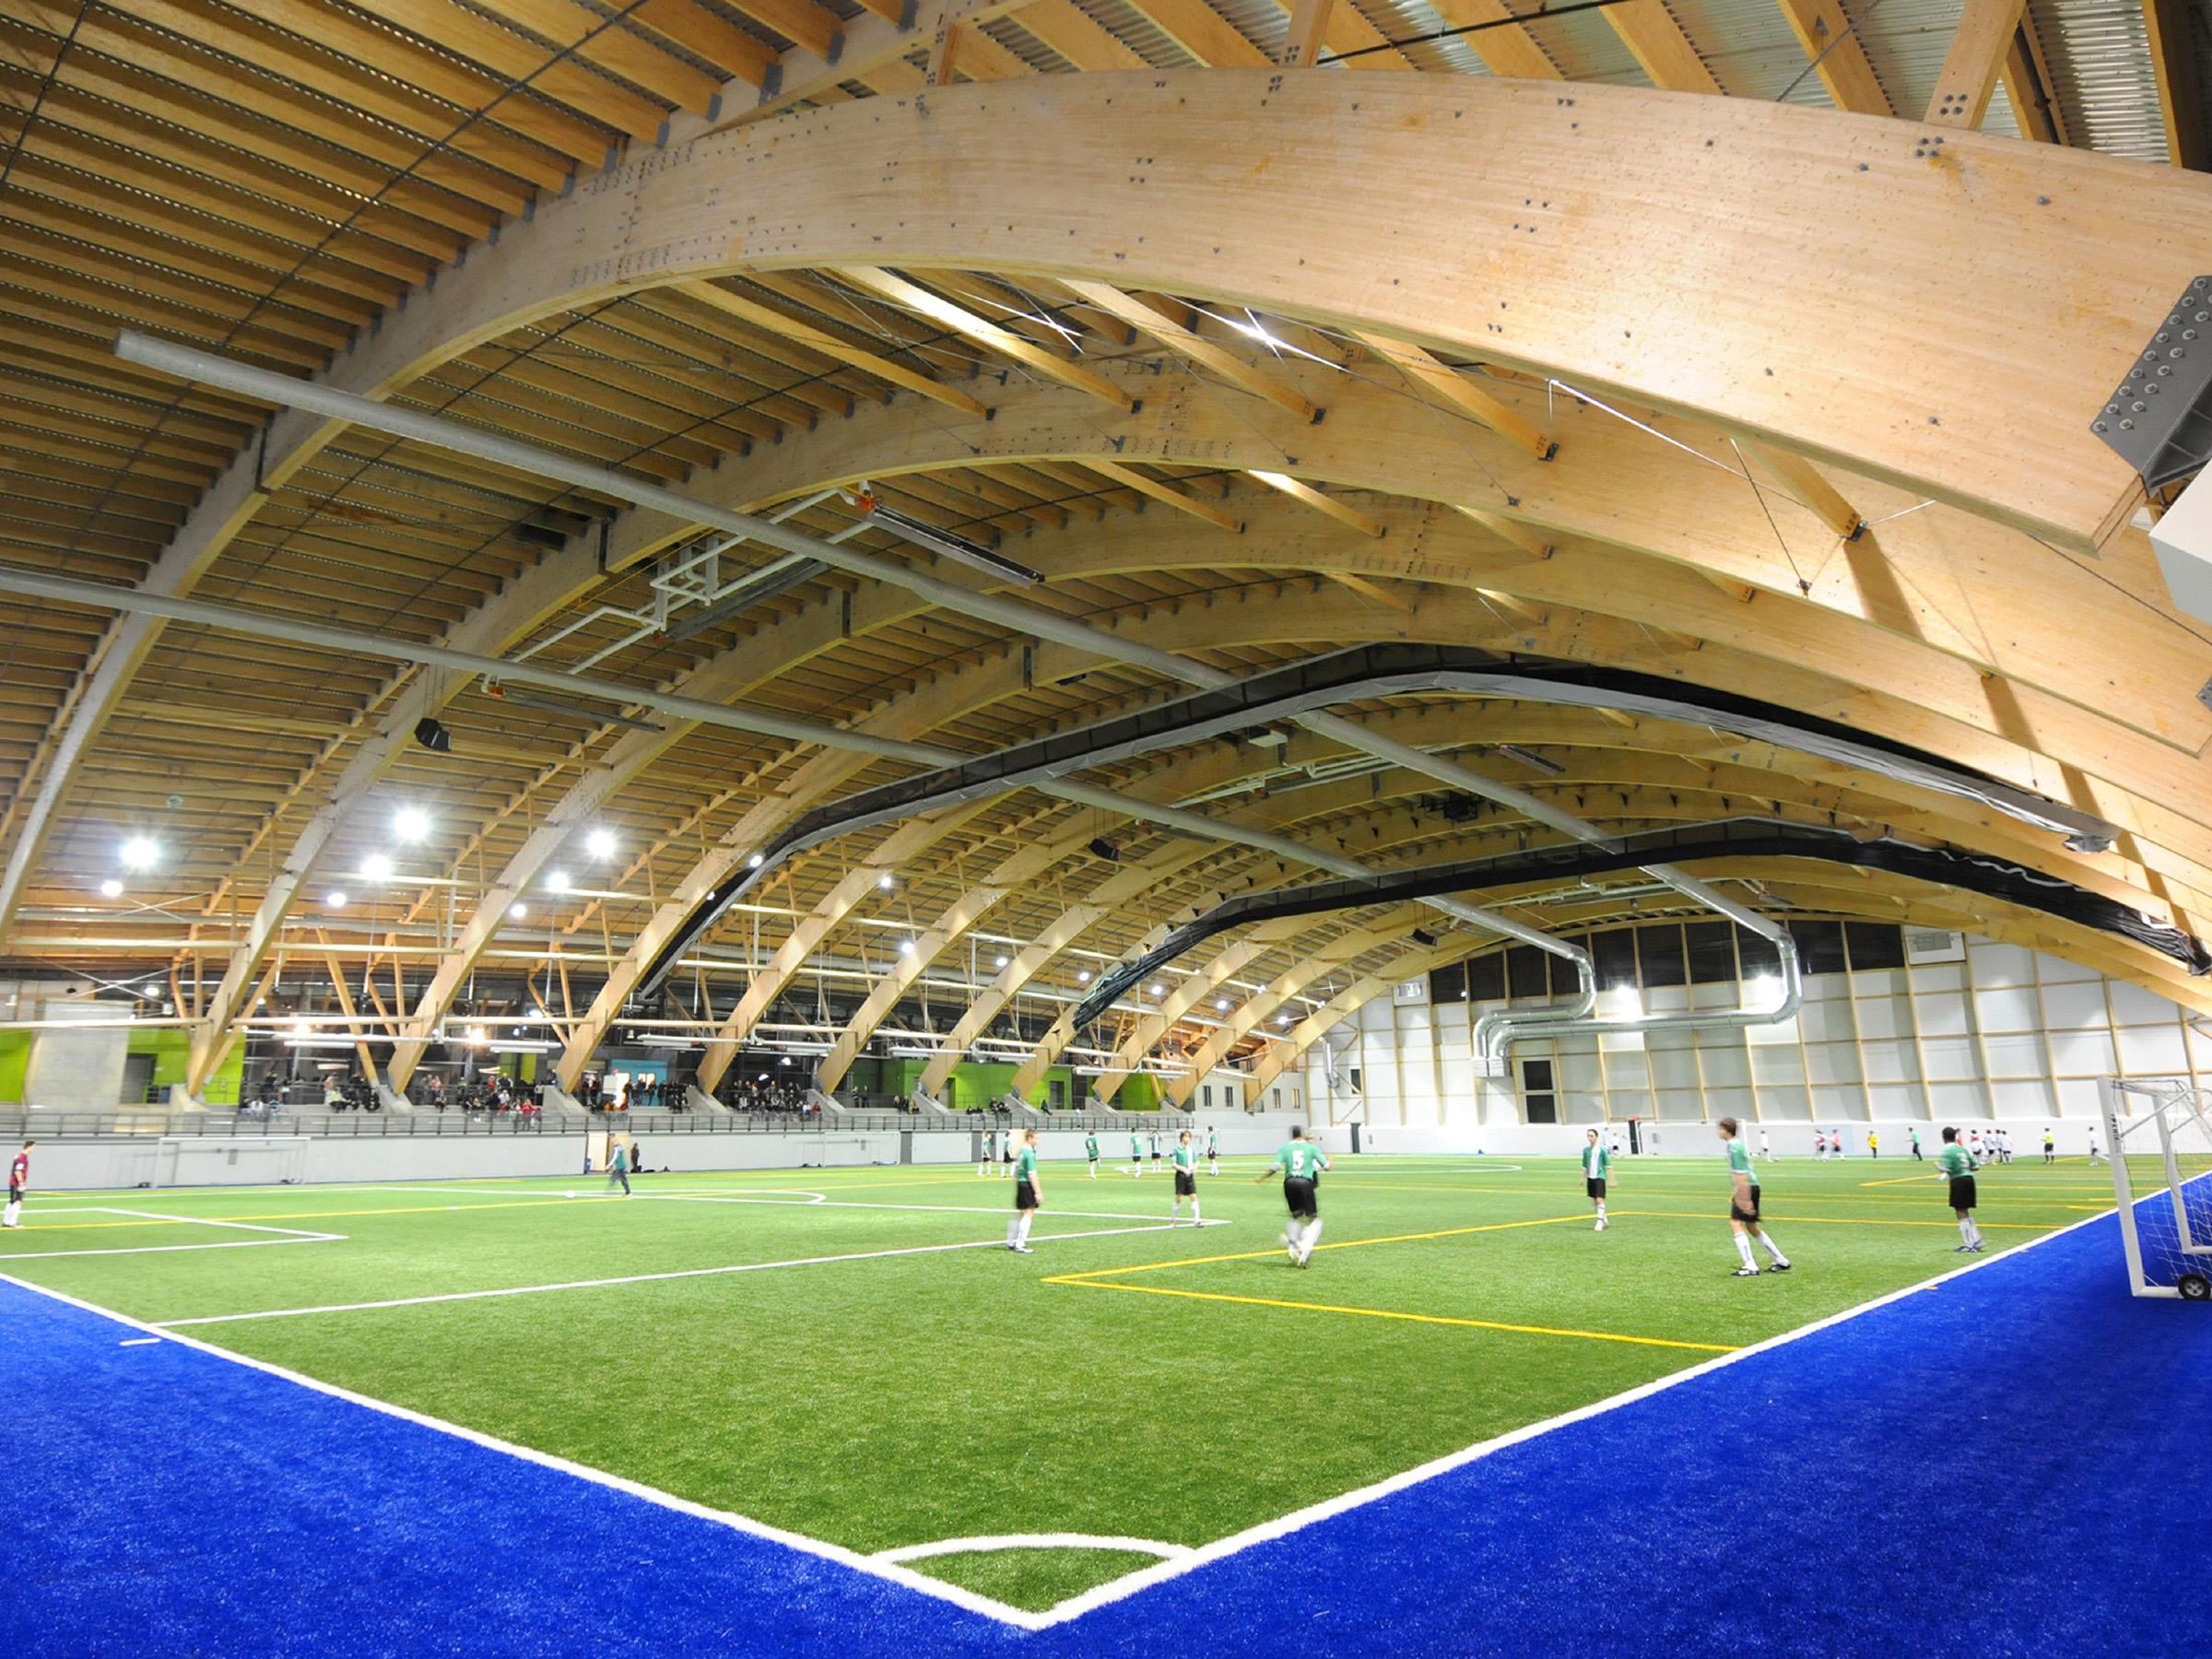 Terrains et stades de soccer for Buisson synthetique